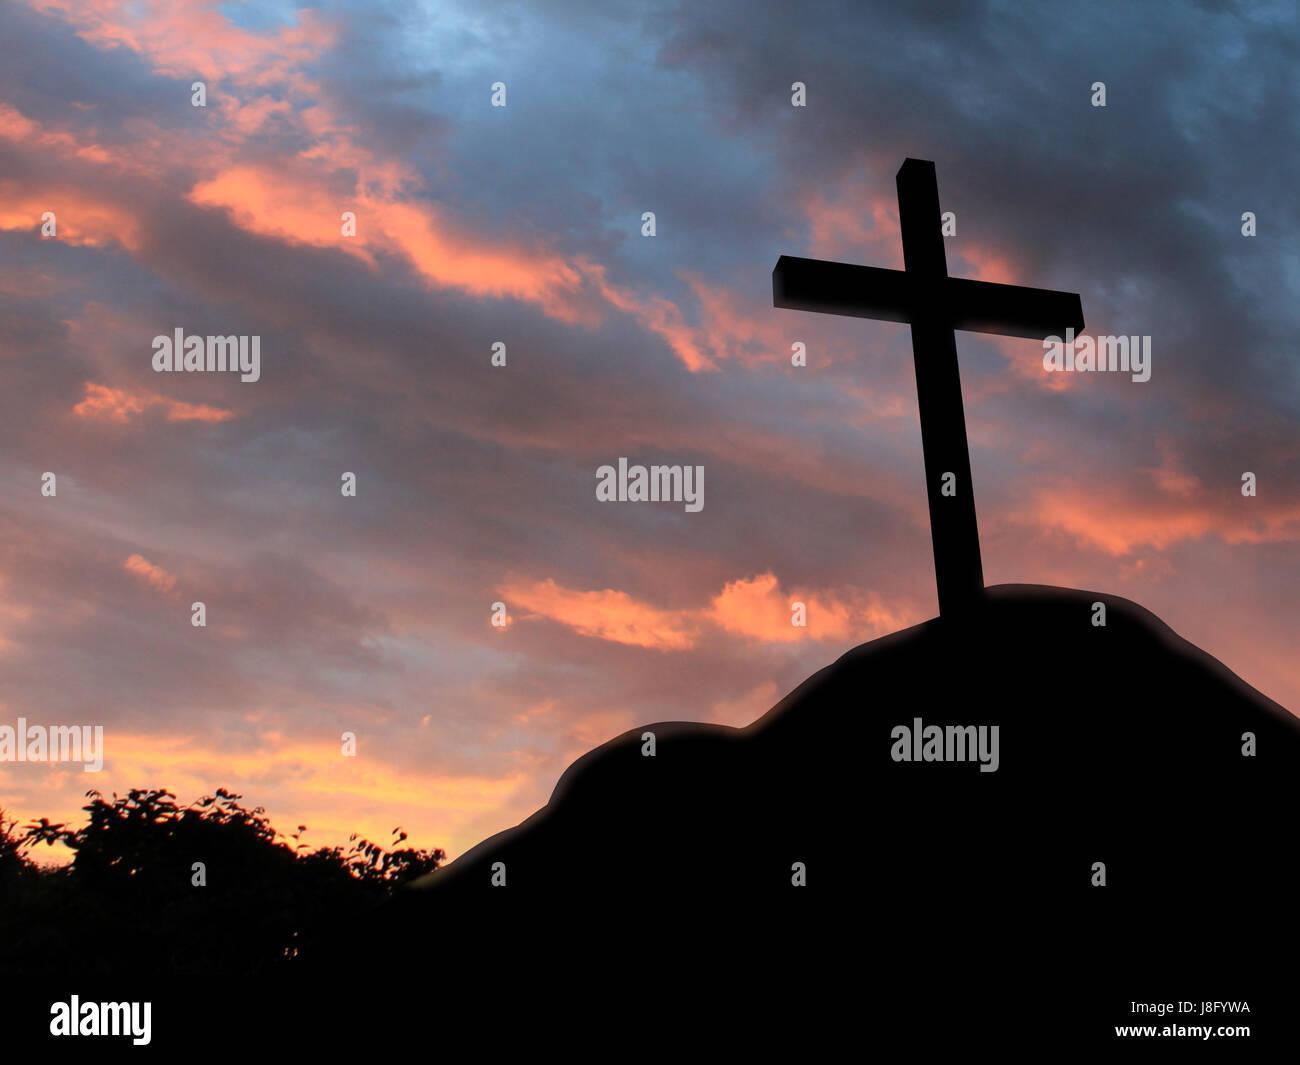 church, death, cloud, cross, bible, crucifixion, biblical